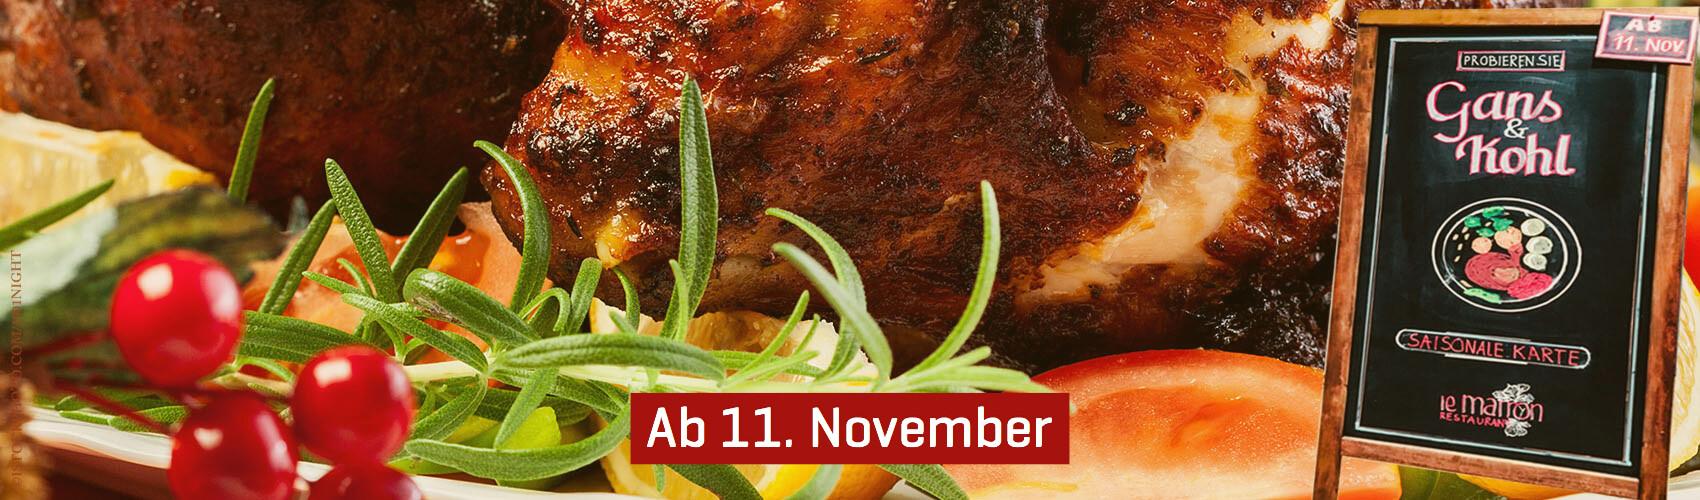 Wir wechseln unsere Saisonale Karte: Ab 11. November - Gans & Kohl